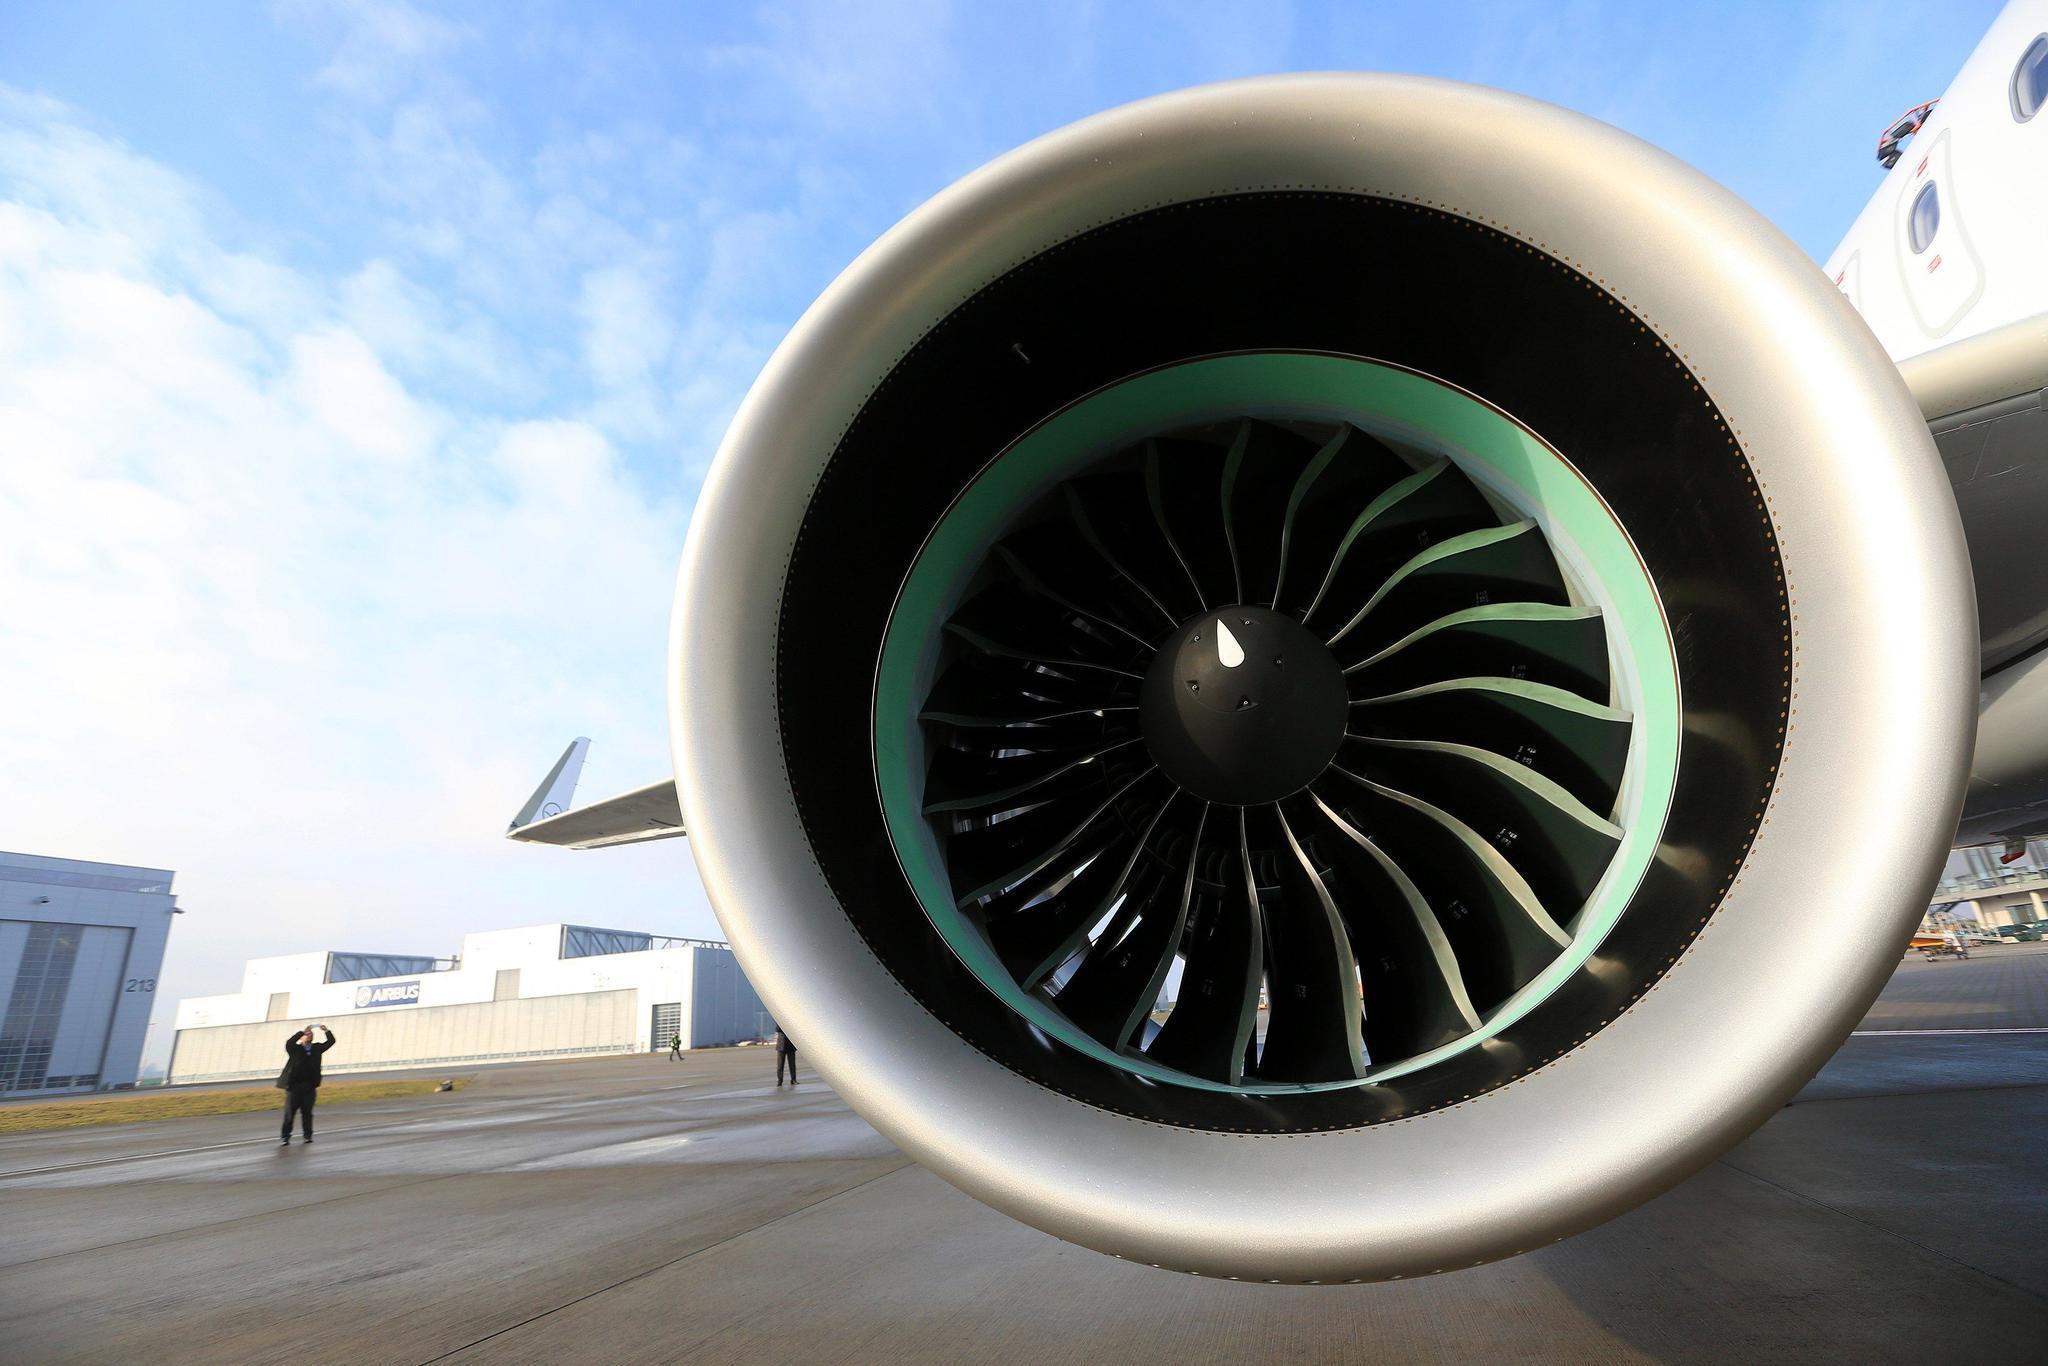 Pratt s $10 Billion Jet Engine Stumbles In Bid To Dethrone GE